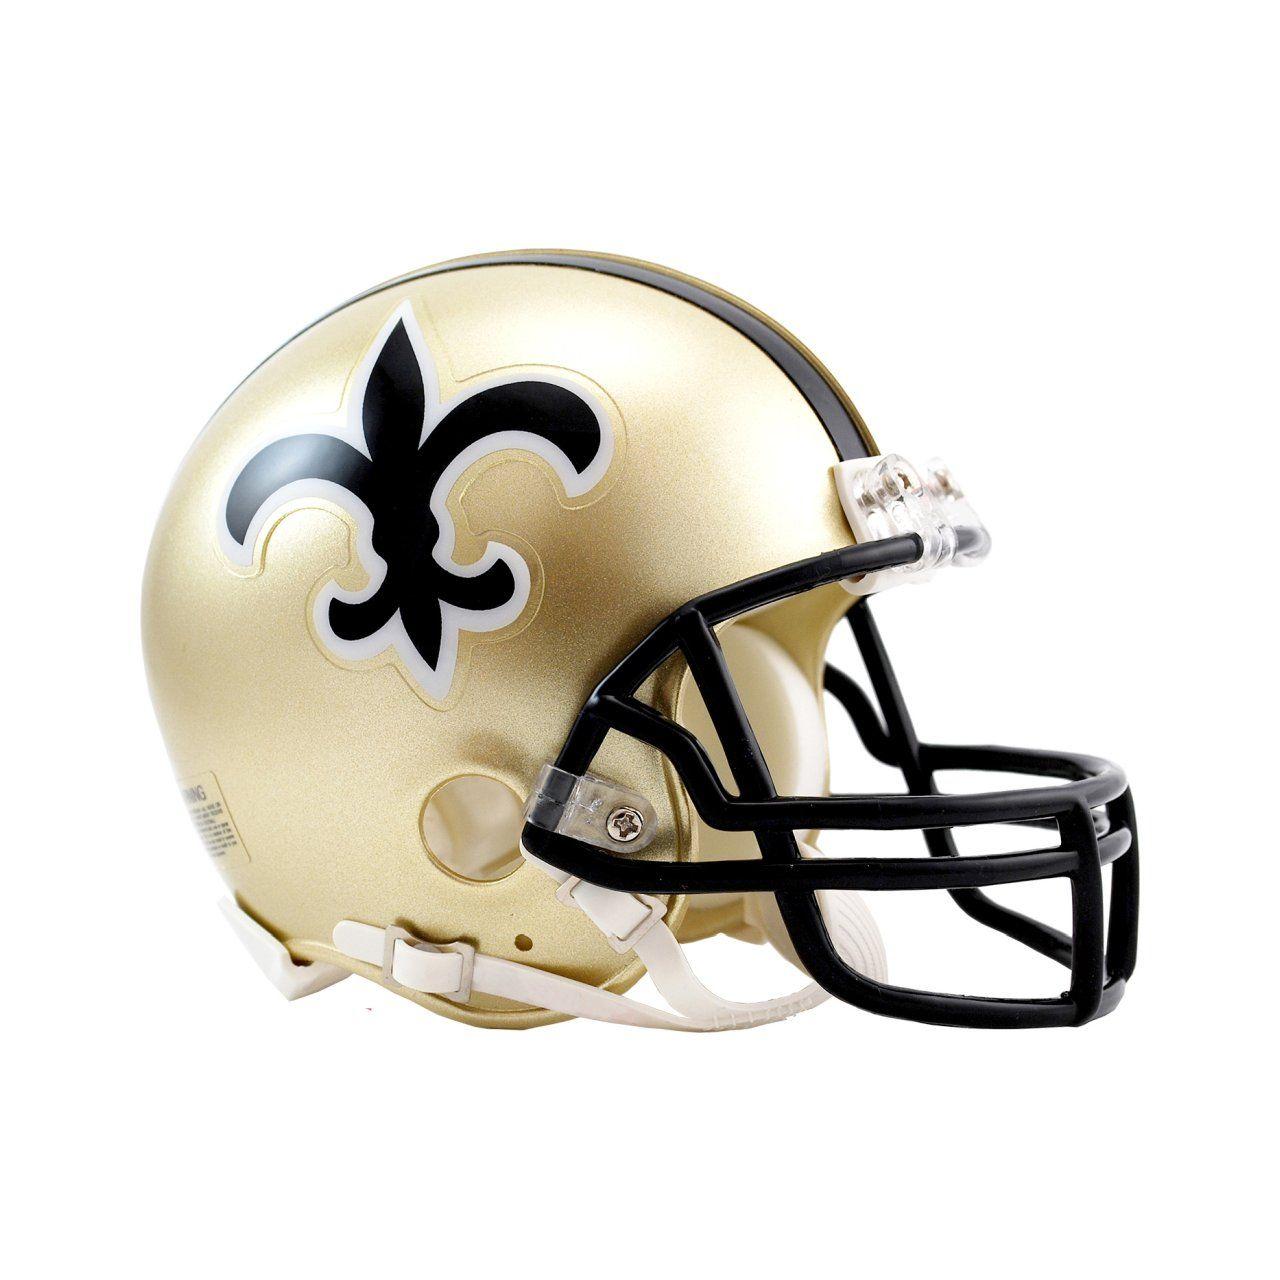 amfoo - Riddell VSR4 Mini Football Helm - New Orleans Saints 1976-99